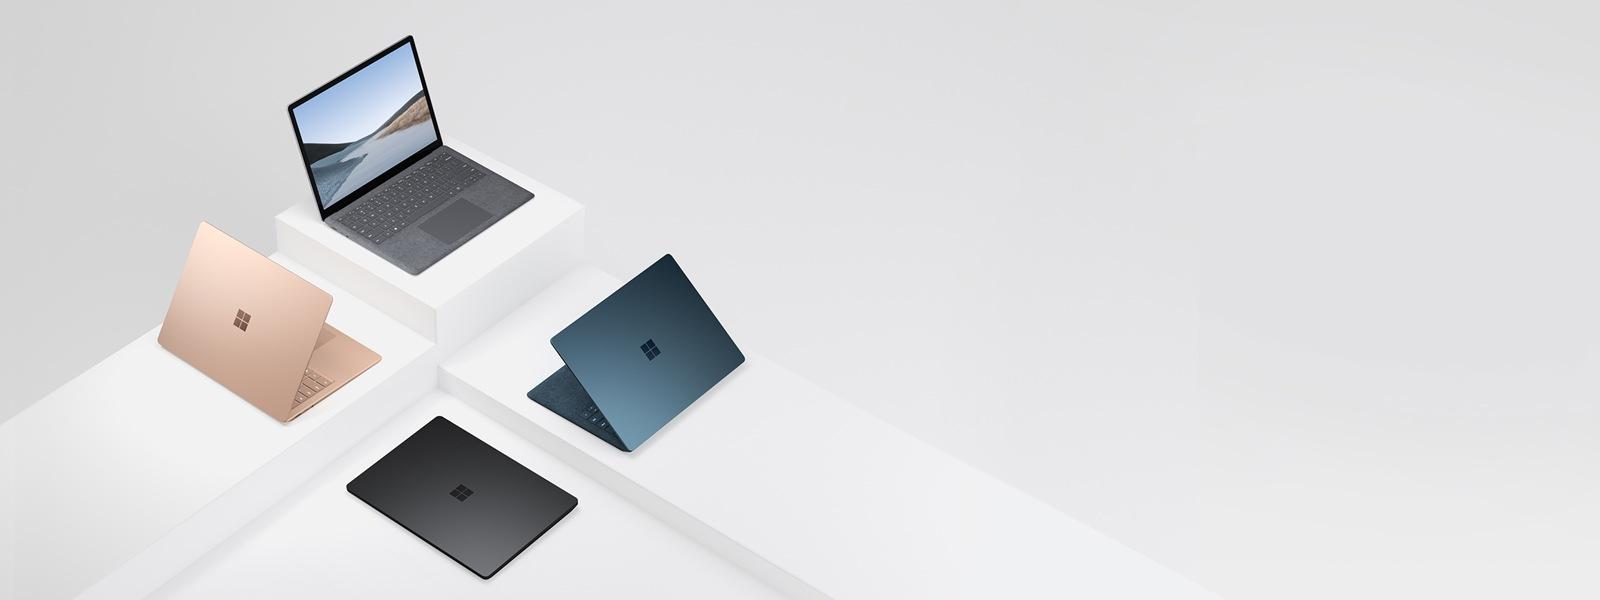 Surface Laptop 3 Unidays